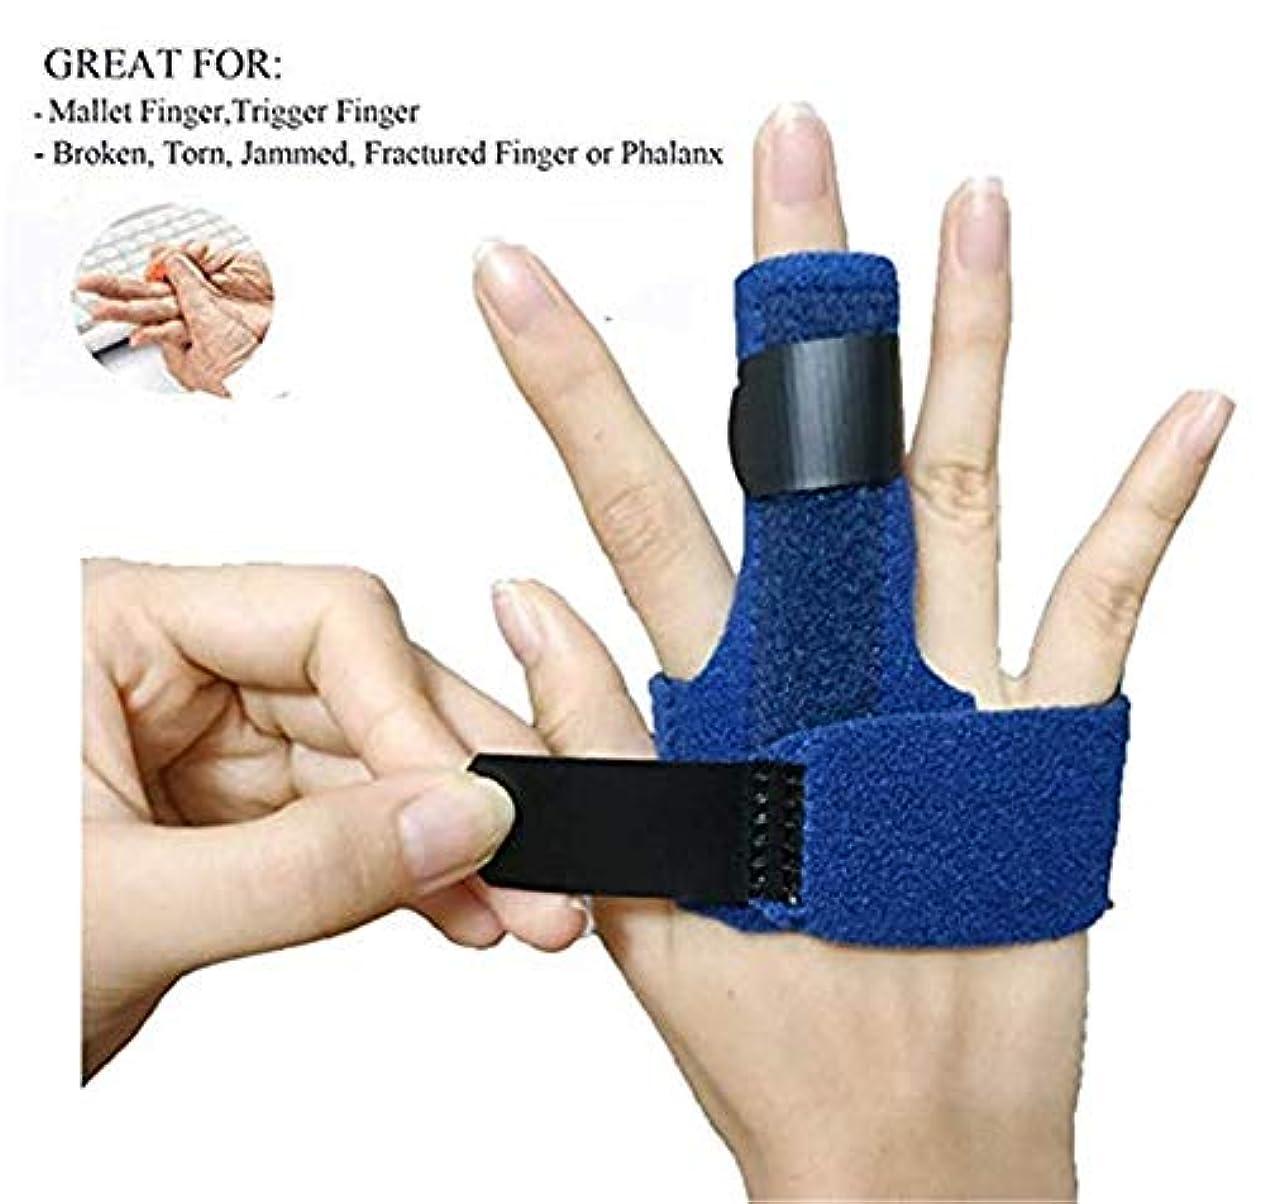 逆説エレガント紫のトリガーフィンガースプリント、ナックルサポート、矯正、ベント、ロック、指をなめるための調節可能なサポートピンク、サム、リング、インデックス